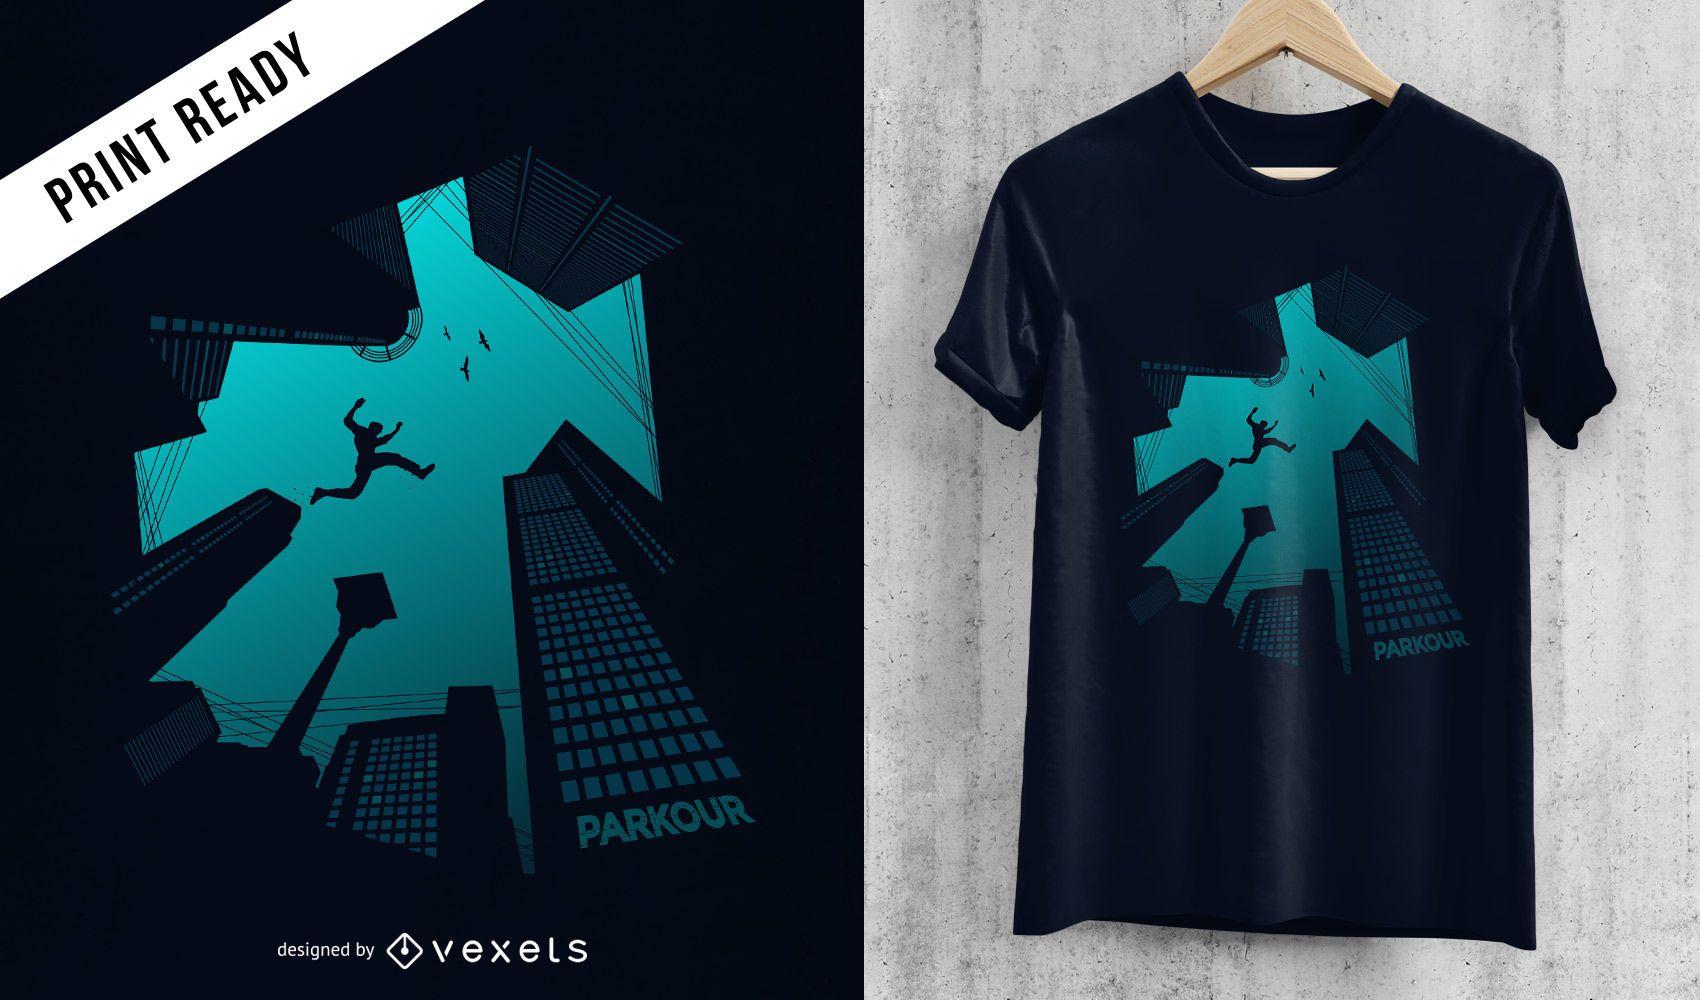 Parkour t-shirt design